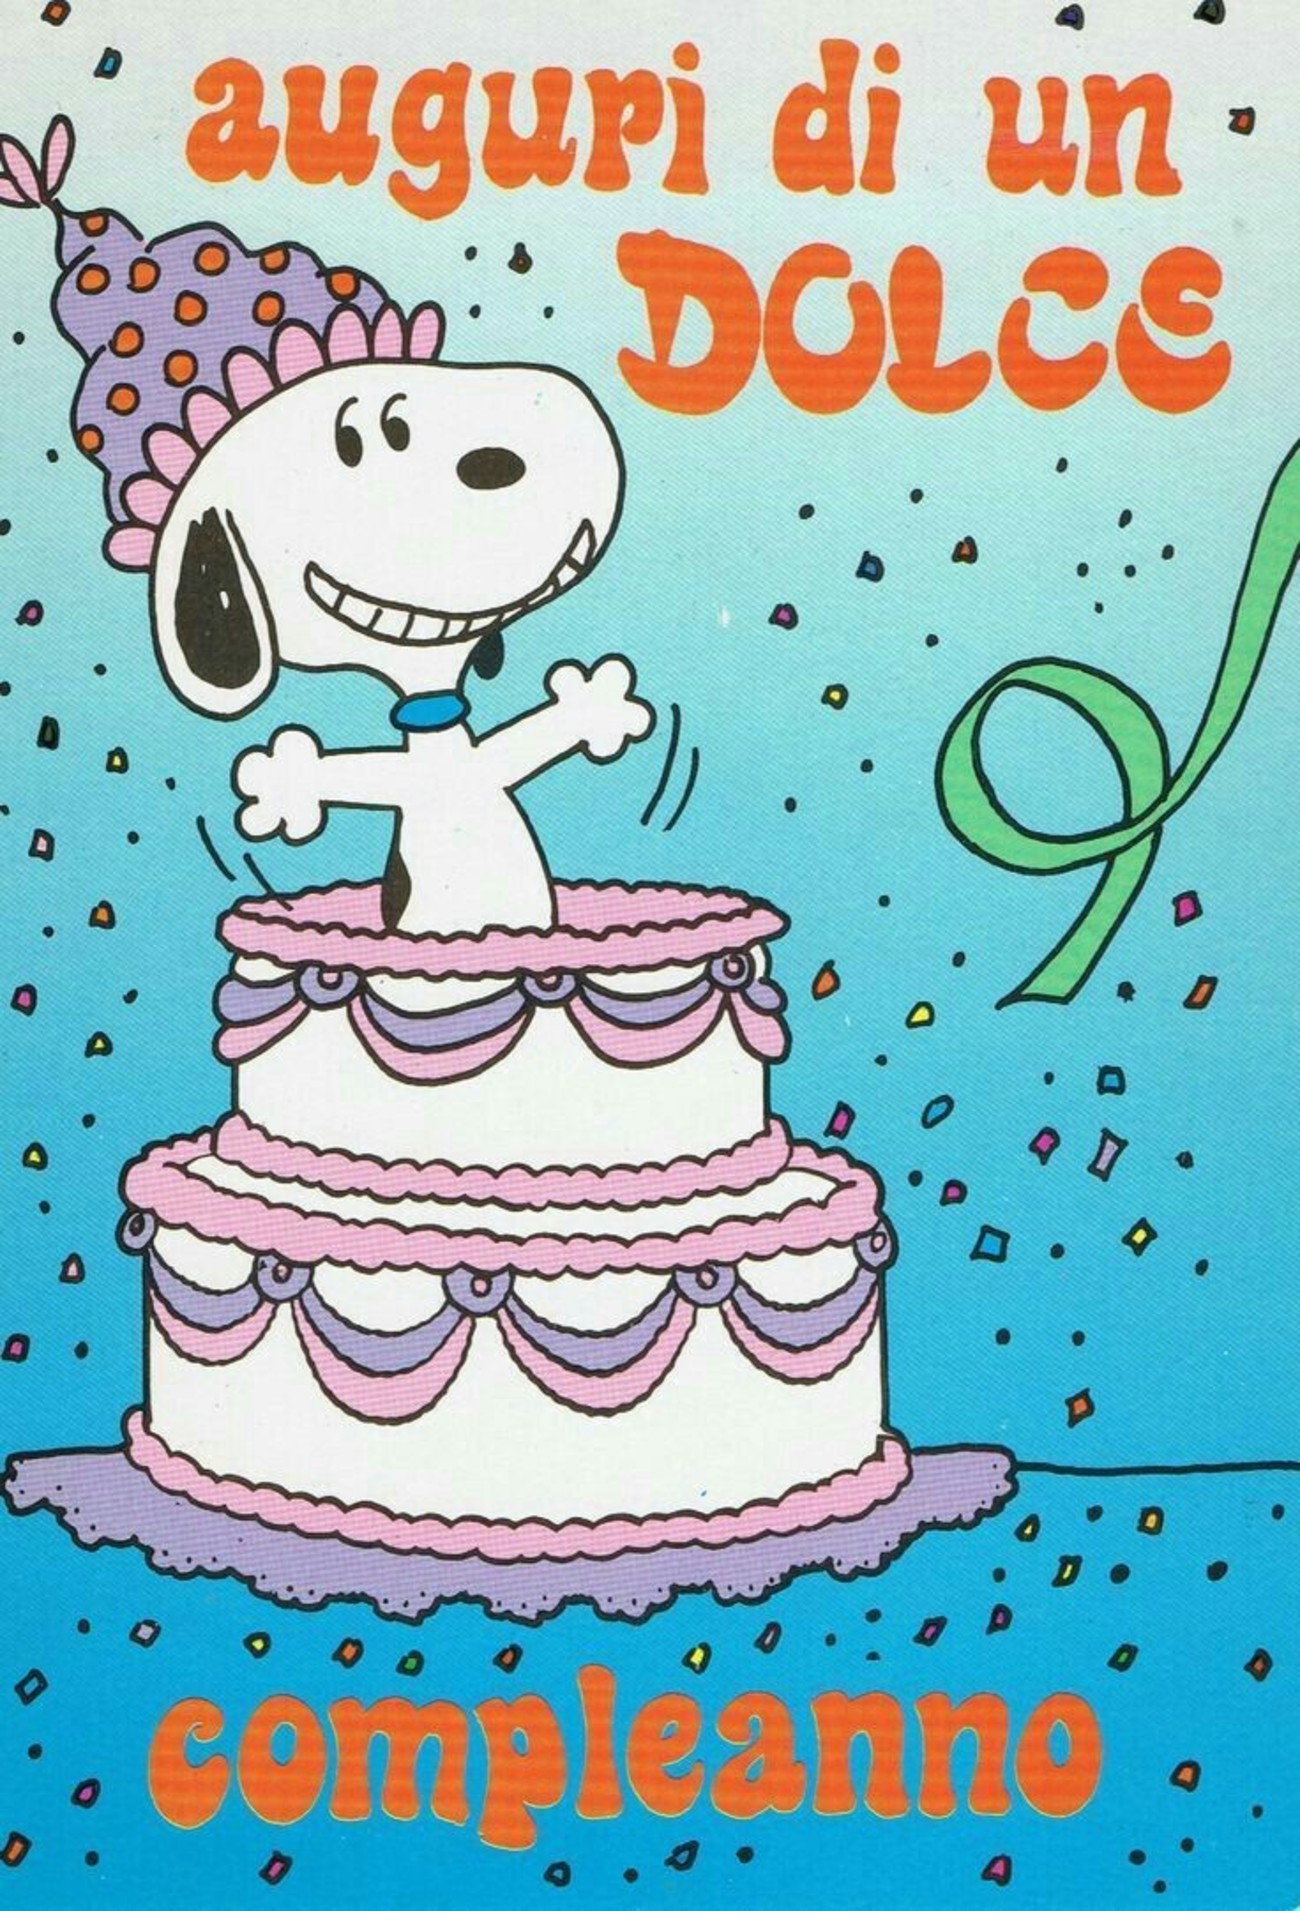 Buon Compleanno Auguri Immagini Belle Con Snoopy 160 Buongiorno